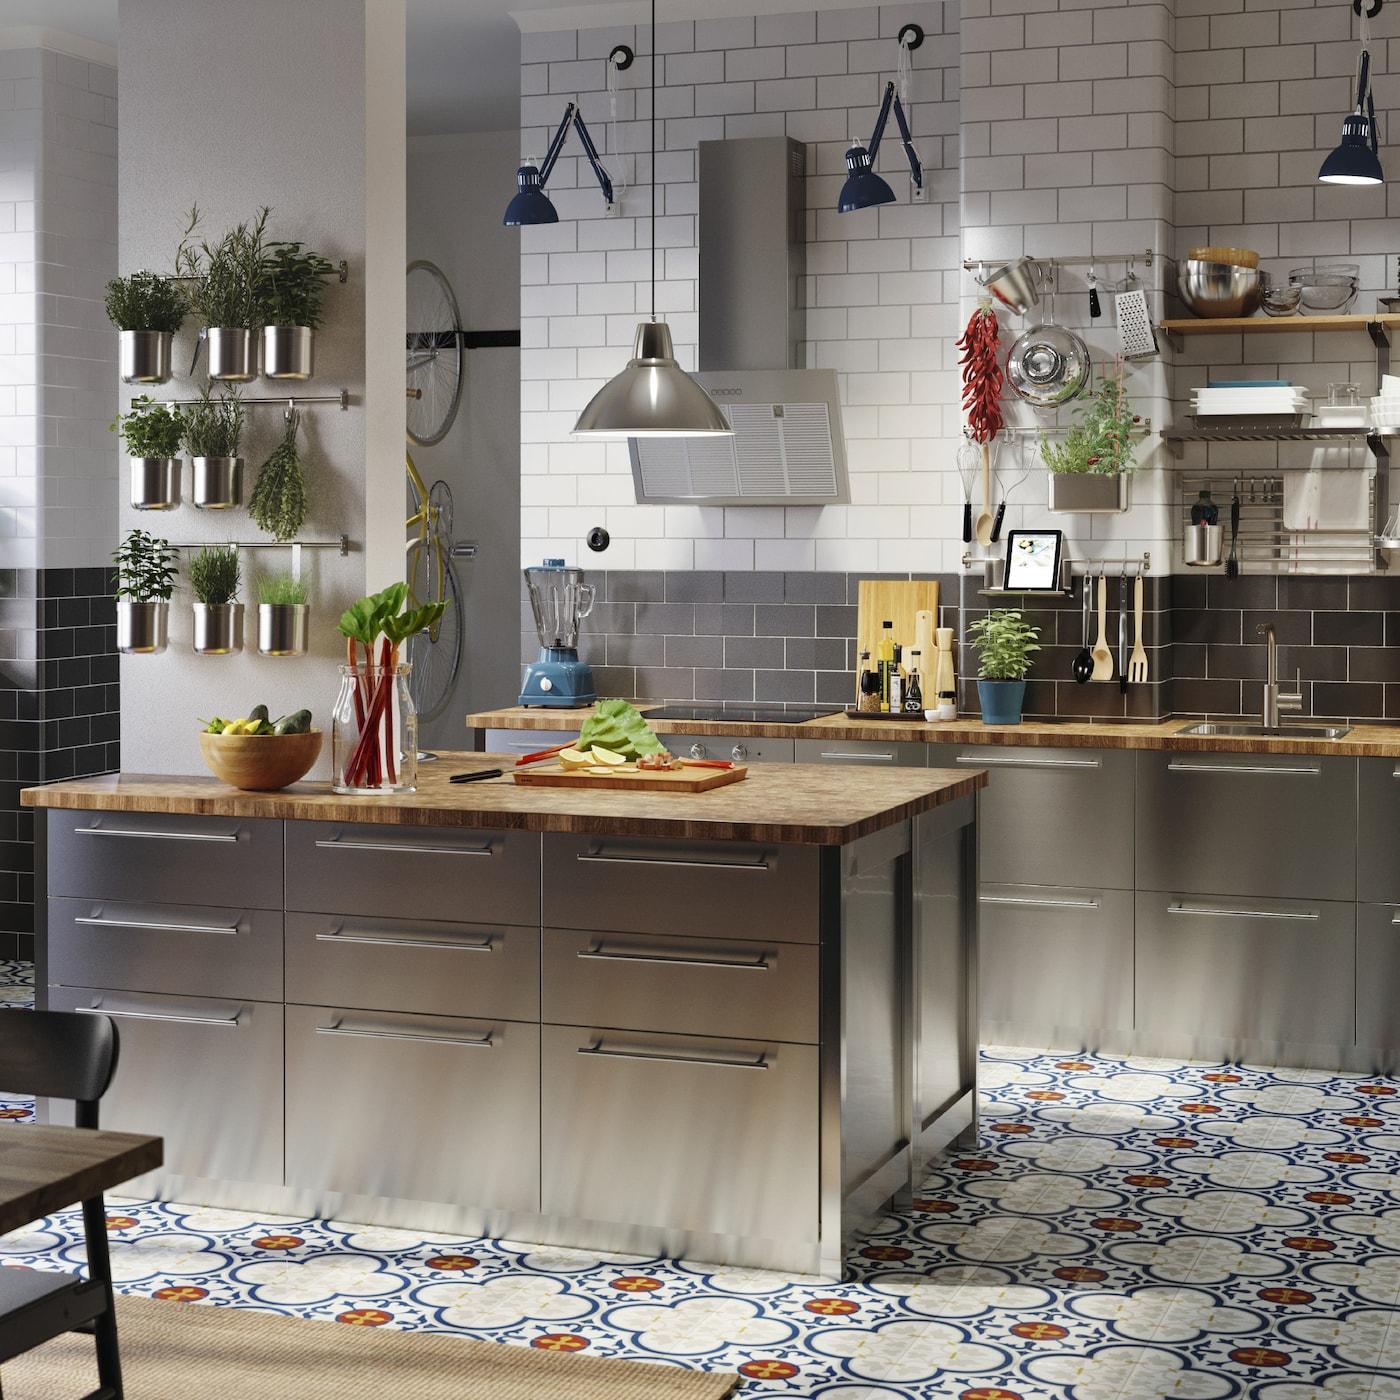 Stort kök med fronter i rostfritt stål, bänkskivor i ek/faner, blå arbetslampor i industriell stil och örtkryddor i burkar.